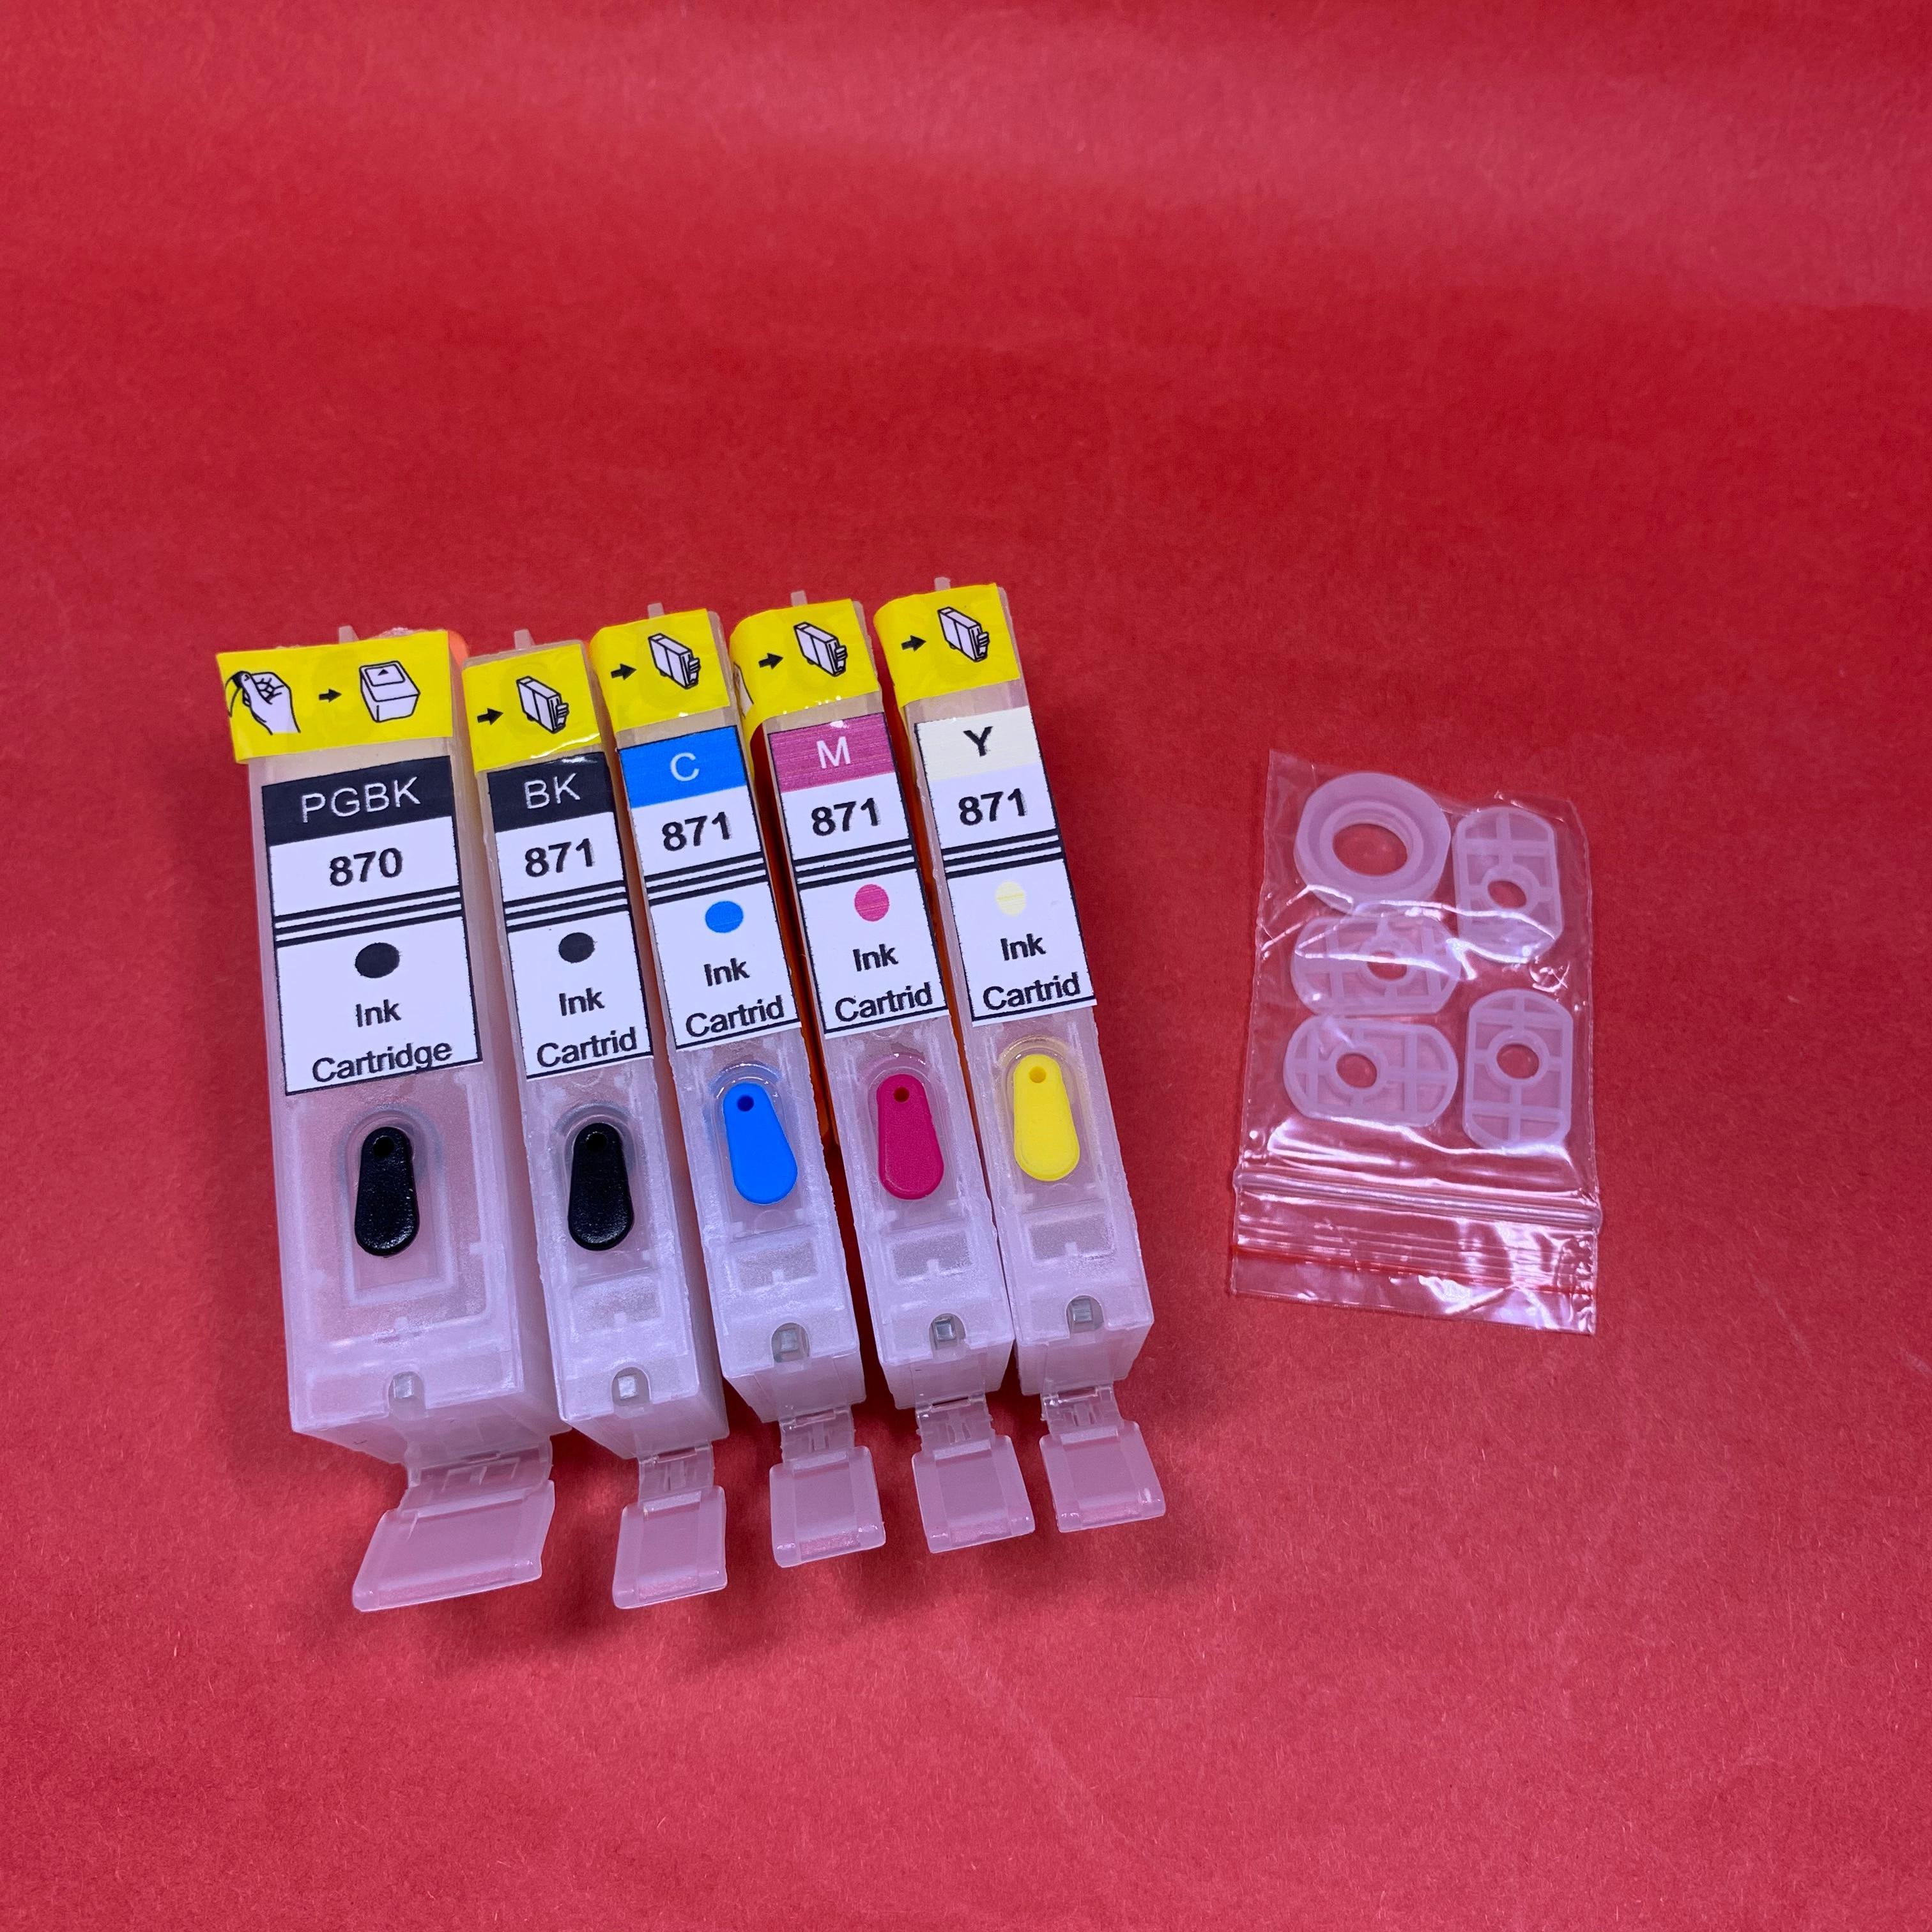 YOTAT 5 uds cartucho de tinta rellenable PGI-870XL PGI-870 CLI-871 para Canon PIXMA MG7780 MG6880 MG5780 TS9080 TS8080 TS6080 TS5080